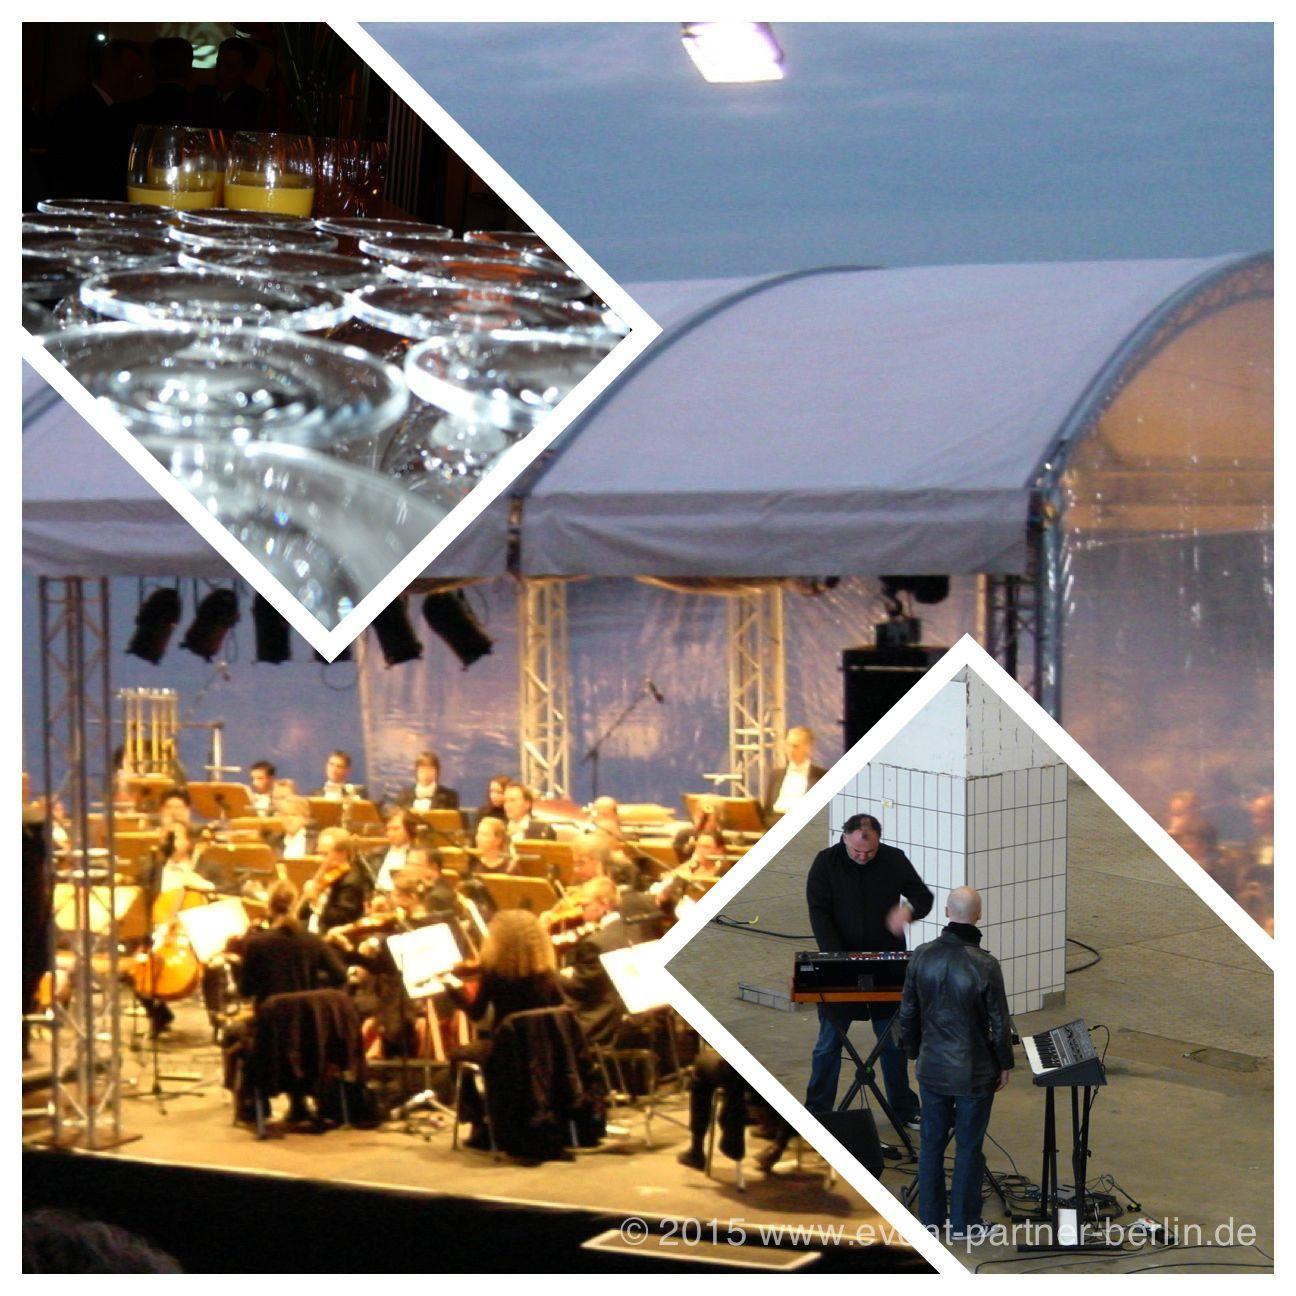 """www.event-led.de Berlin Wir lieben Musik! Hier einerseits klassische Musik auf dem Wasser in Brandenburg oder eine Videoaufnahme in einer alten Brauerei in Berlin für die Band """"Portishead"""" Danke für diese vielen tollen Aufträge!"""